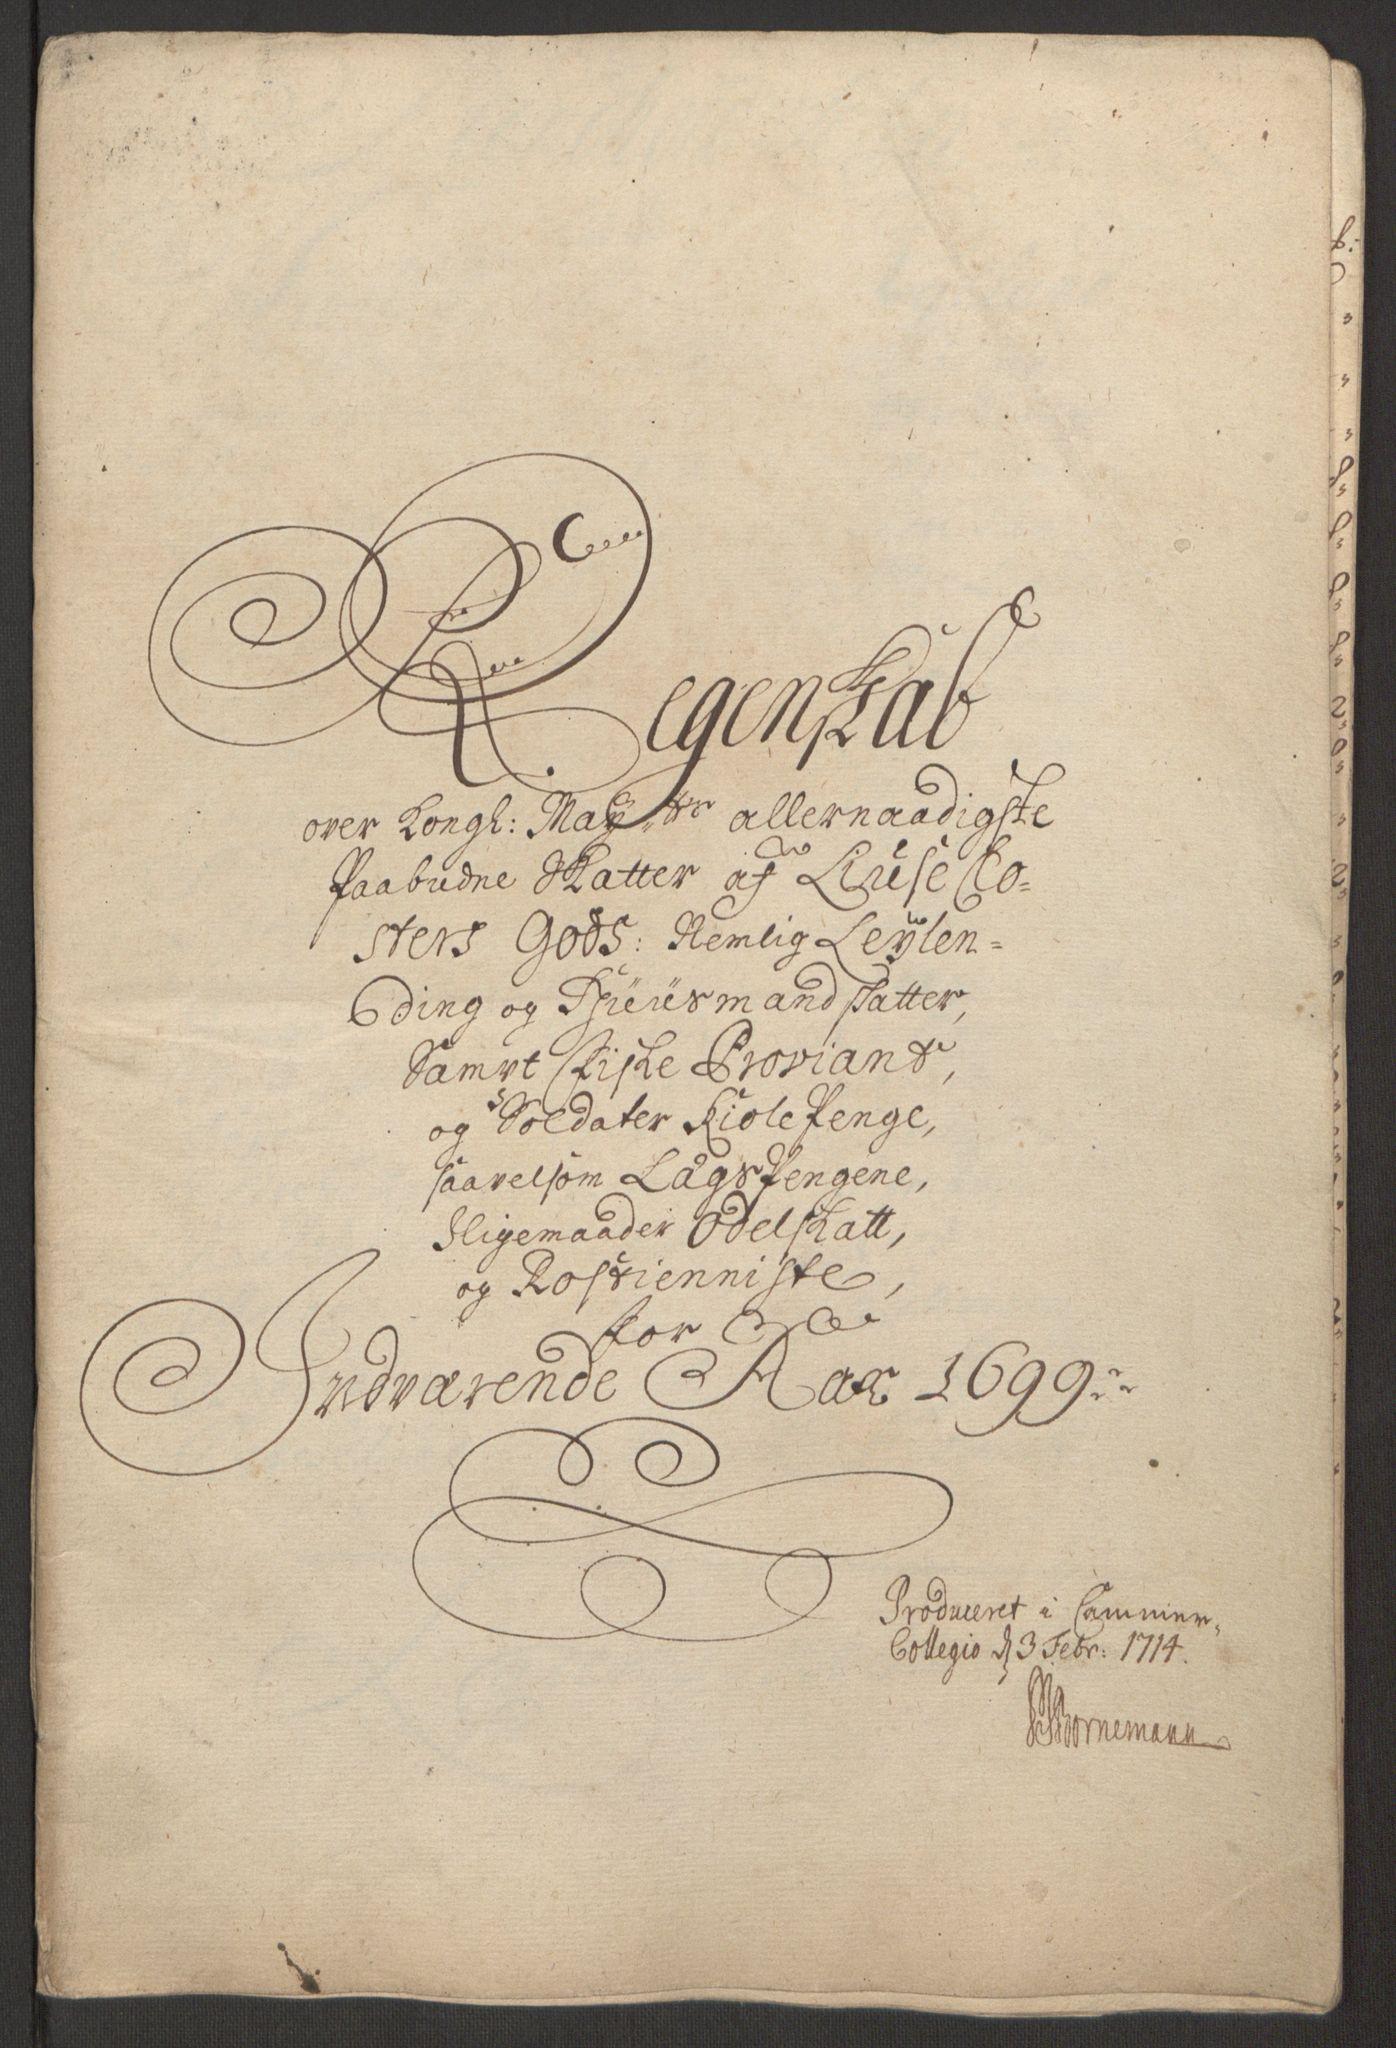 RA, Rentekammeret inntil 1814, Reviderte regnskaper, Fogderegnskap, R50/L3159: Fogderegnskap Lyse kloster, 1691-1709, s. 89